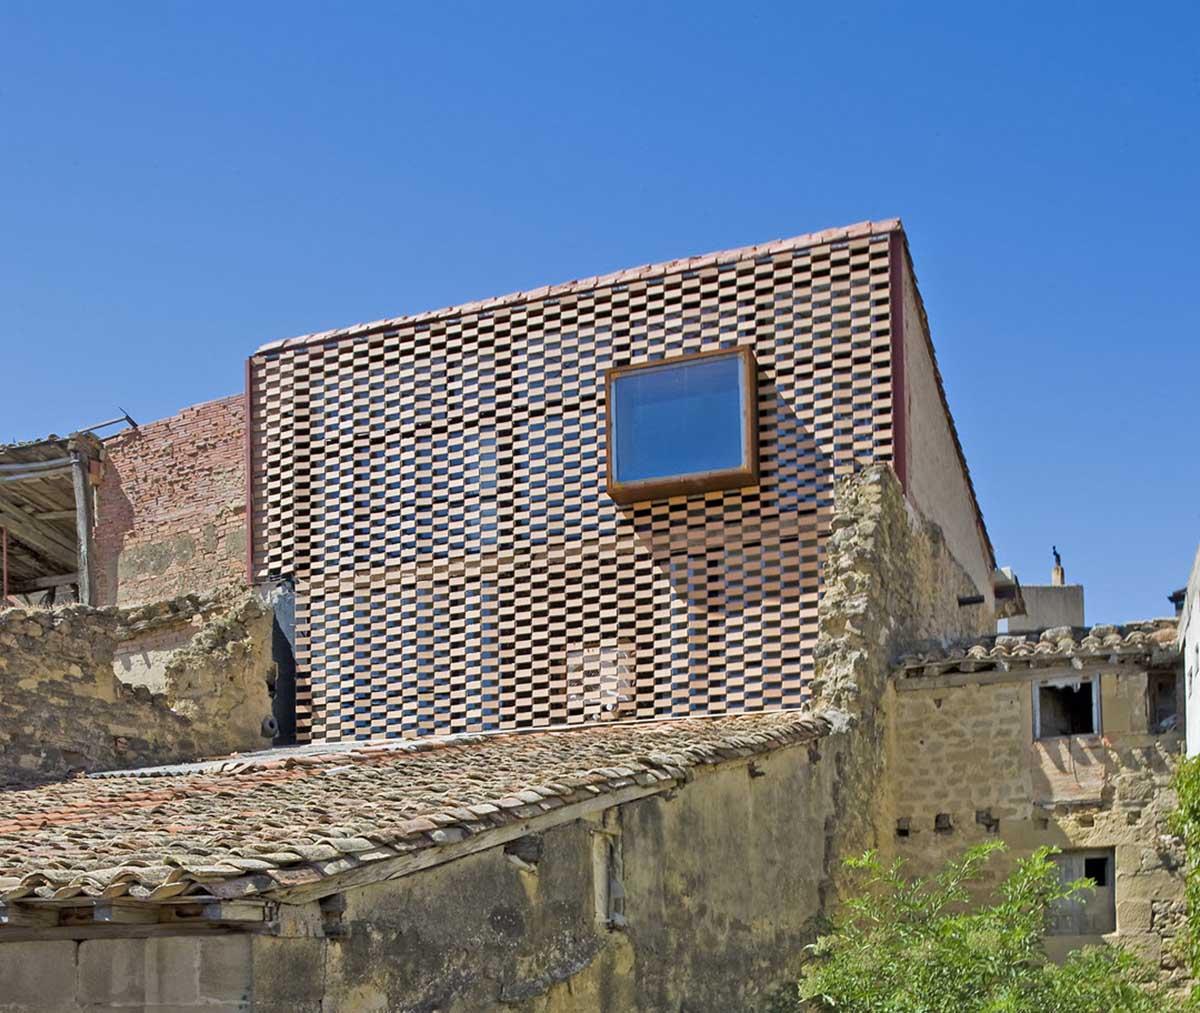 Flexbrick en fachada de hotel en La Rioja (Blur arquitectura).